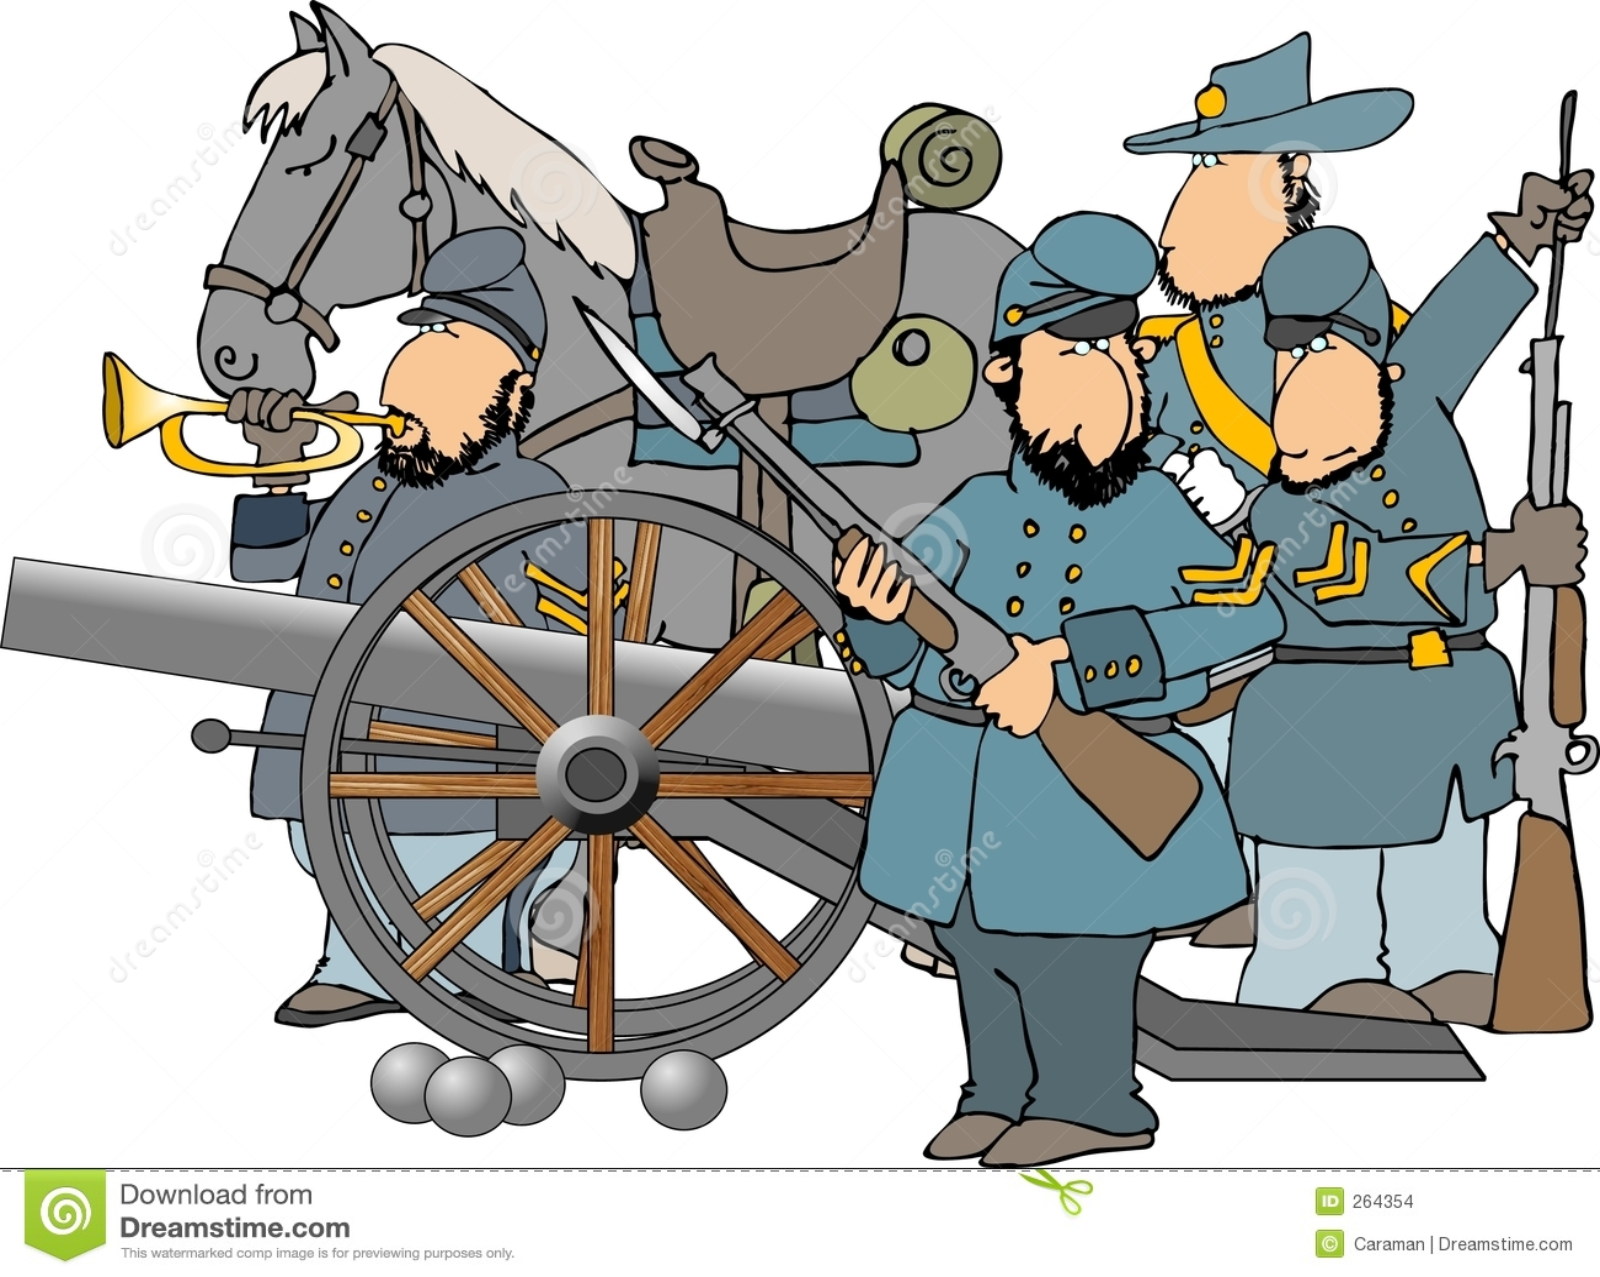 Que j'ai produite dépeint 4 soldats de guerre civile et un canon